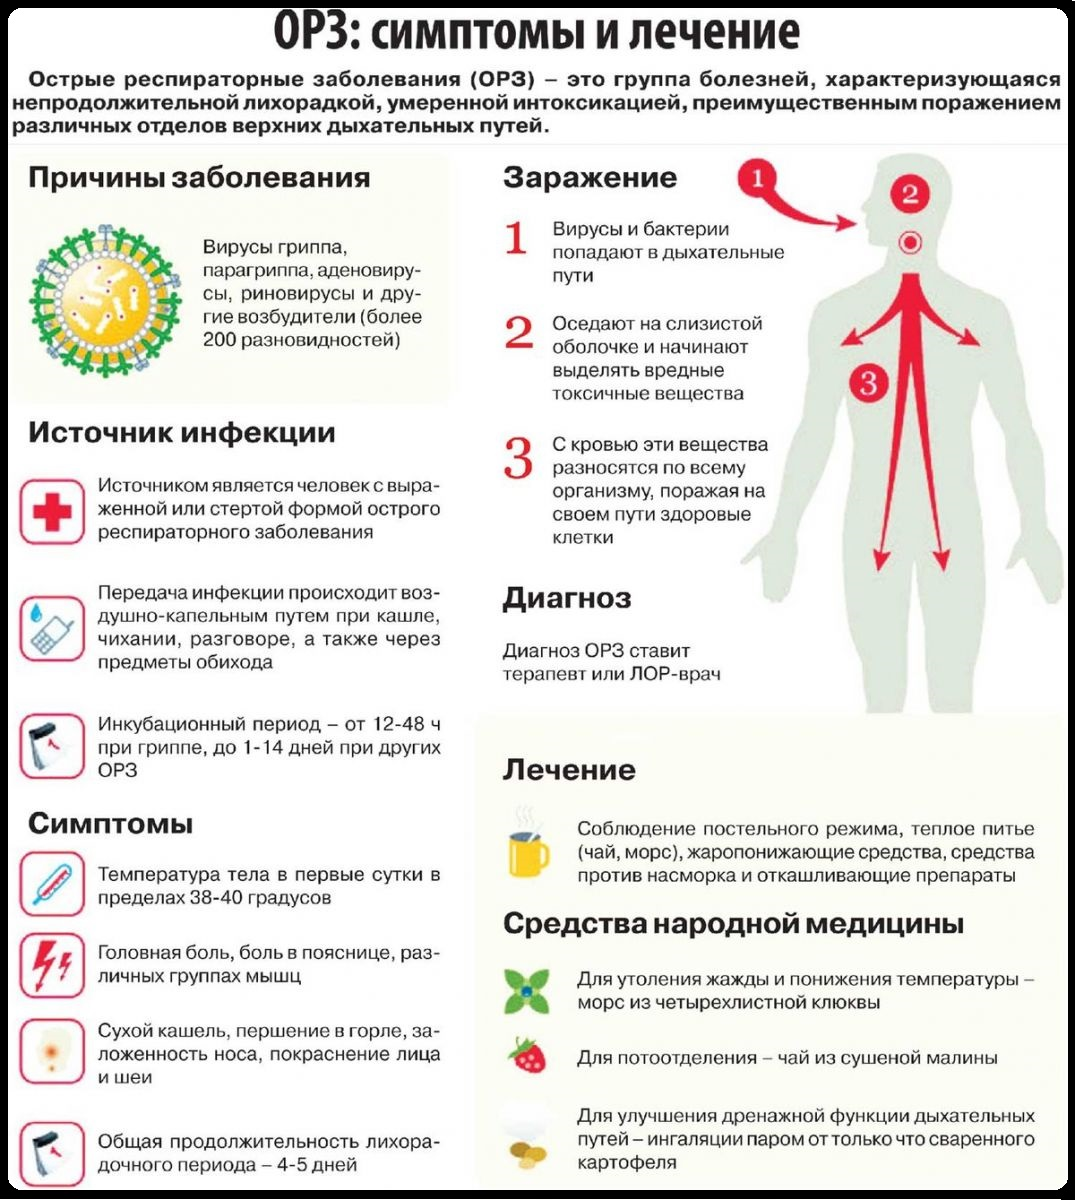 симптомы орз